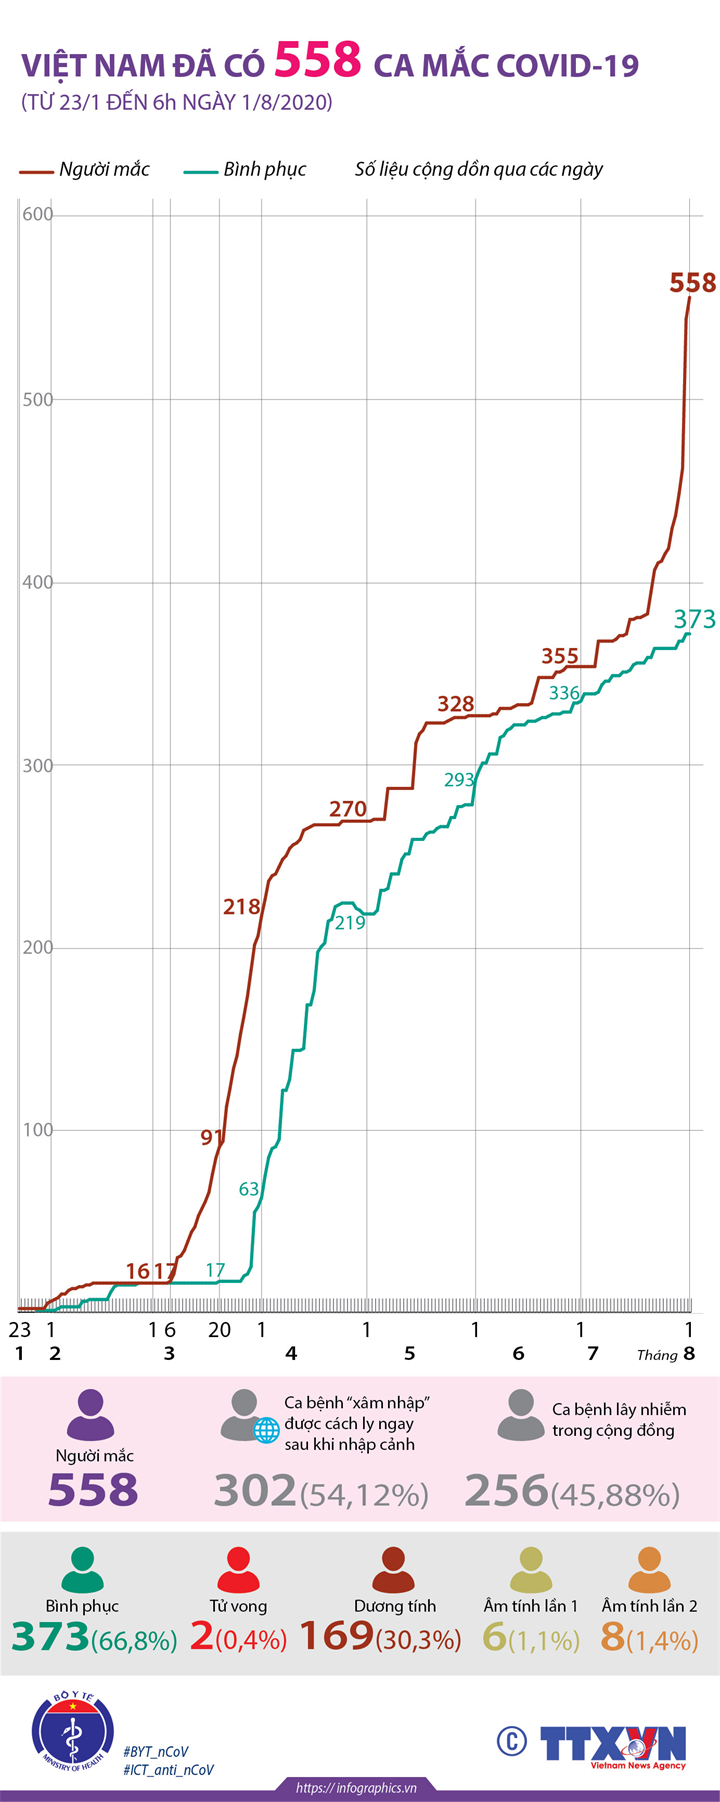 Việt Nam đã có 558 ca mắc COVID-19 (từ 23/1 đến 6h ngày 1/8/2020)